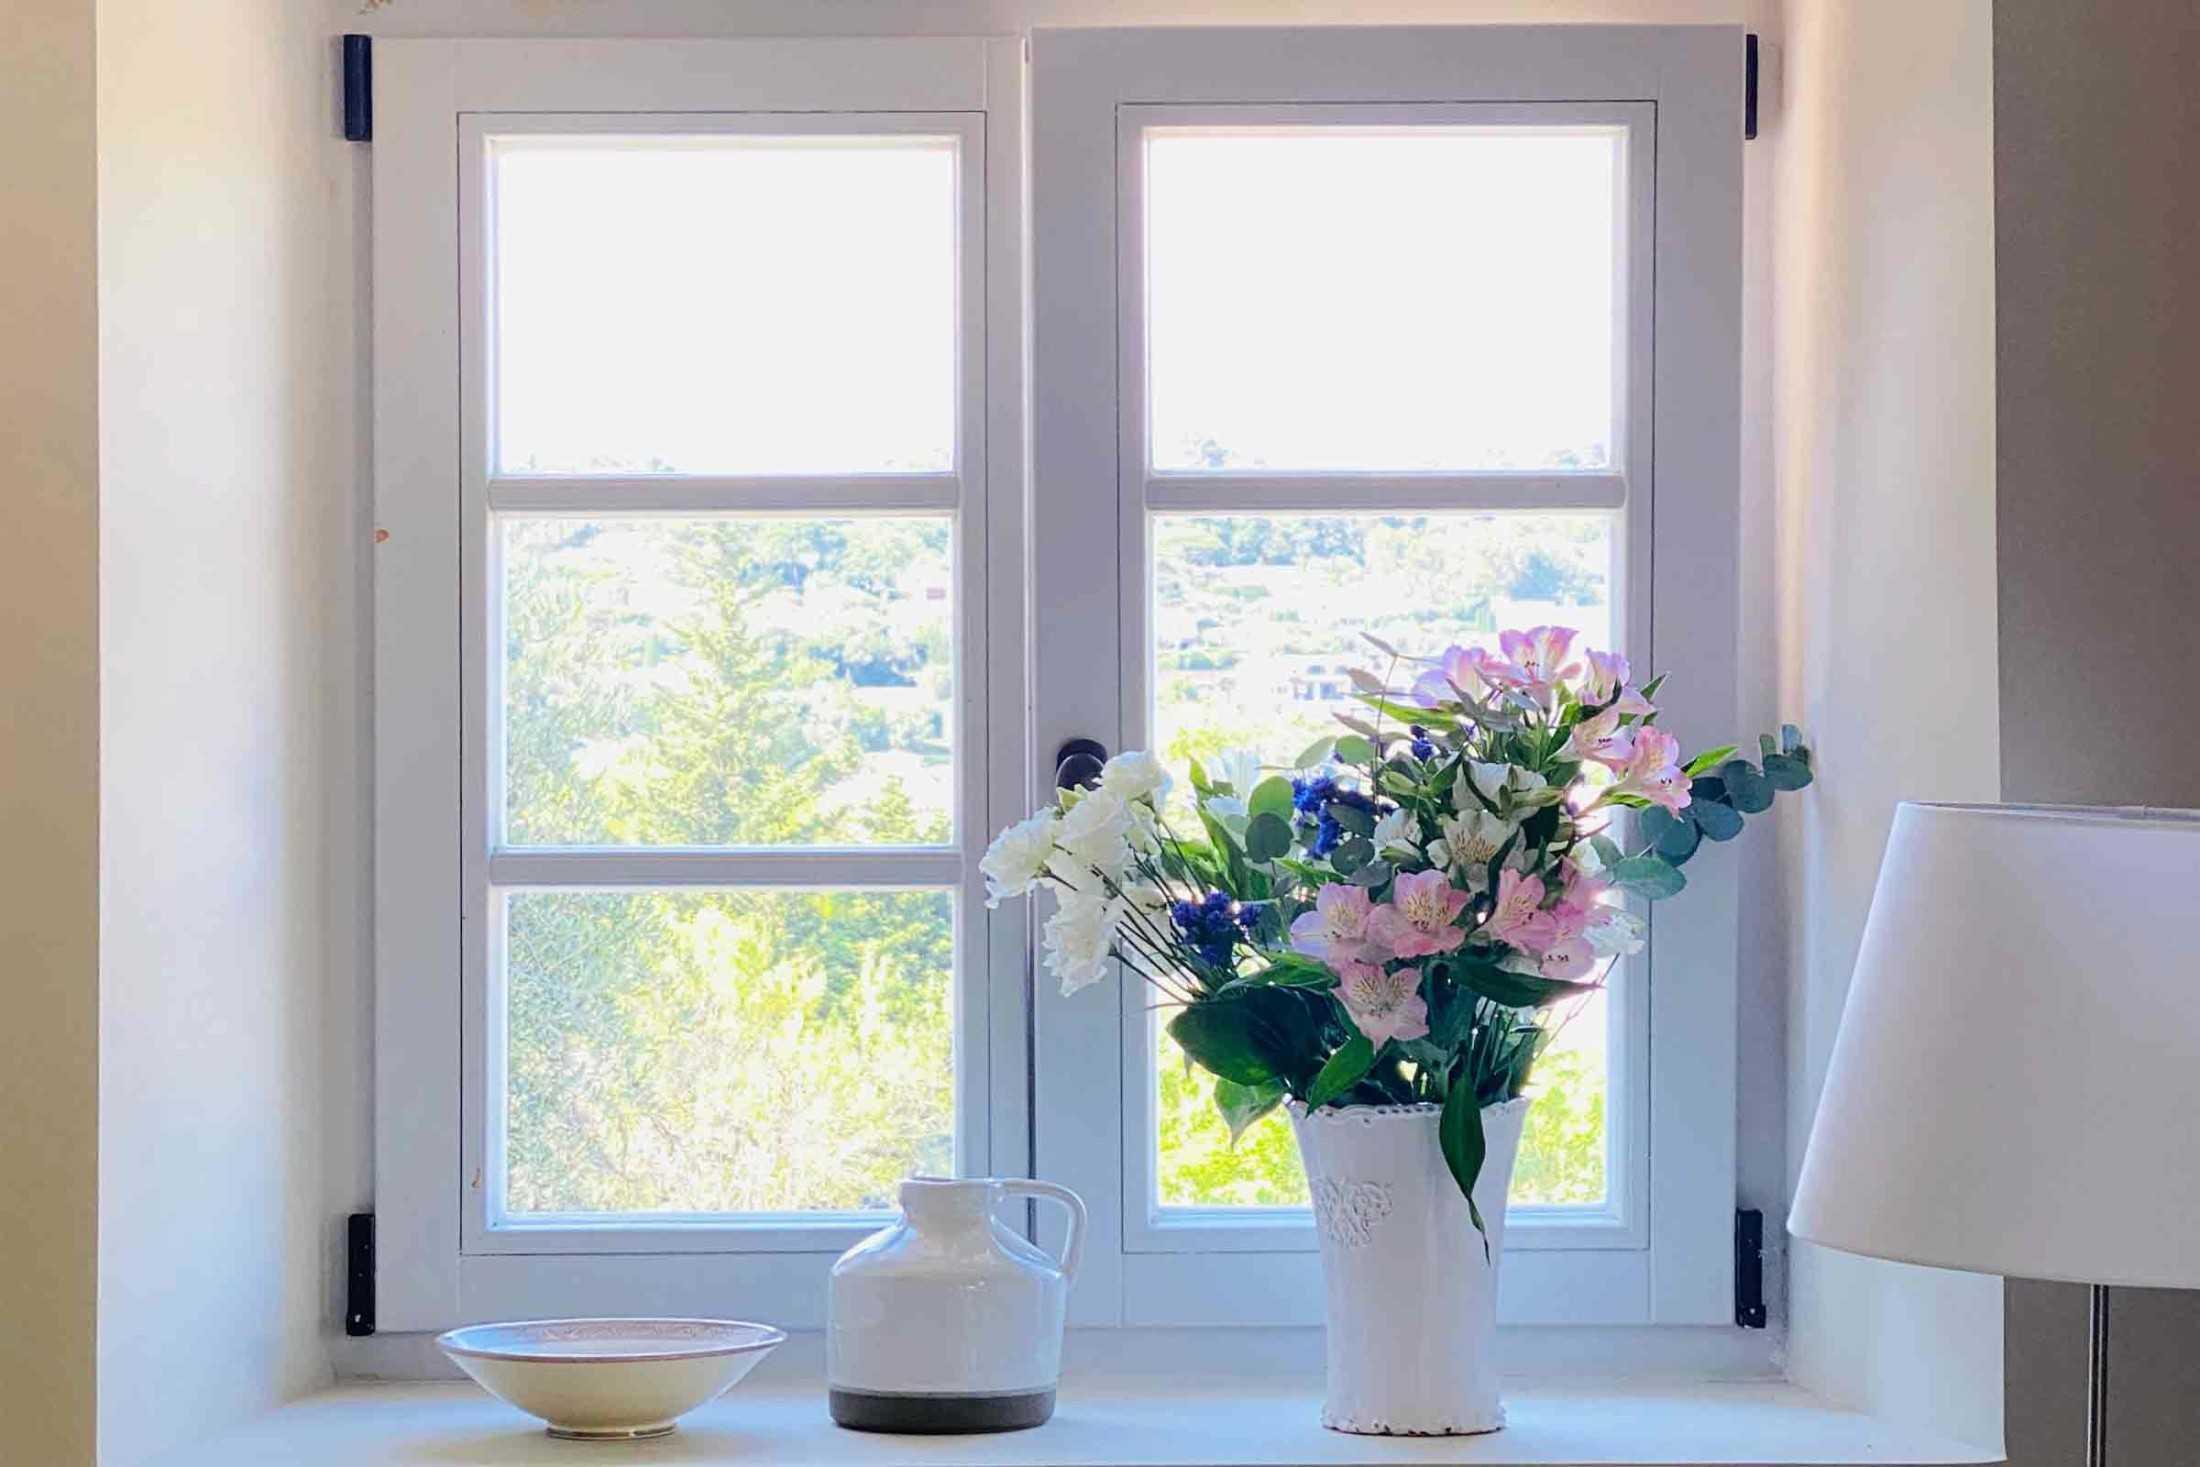 Dekorasi bunga di dekat jendela, foto oleh Martine Vogel, via unsplash.com